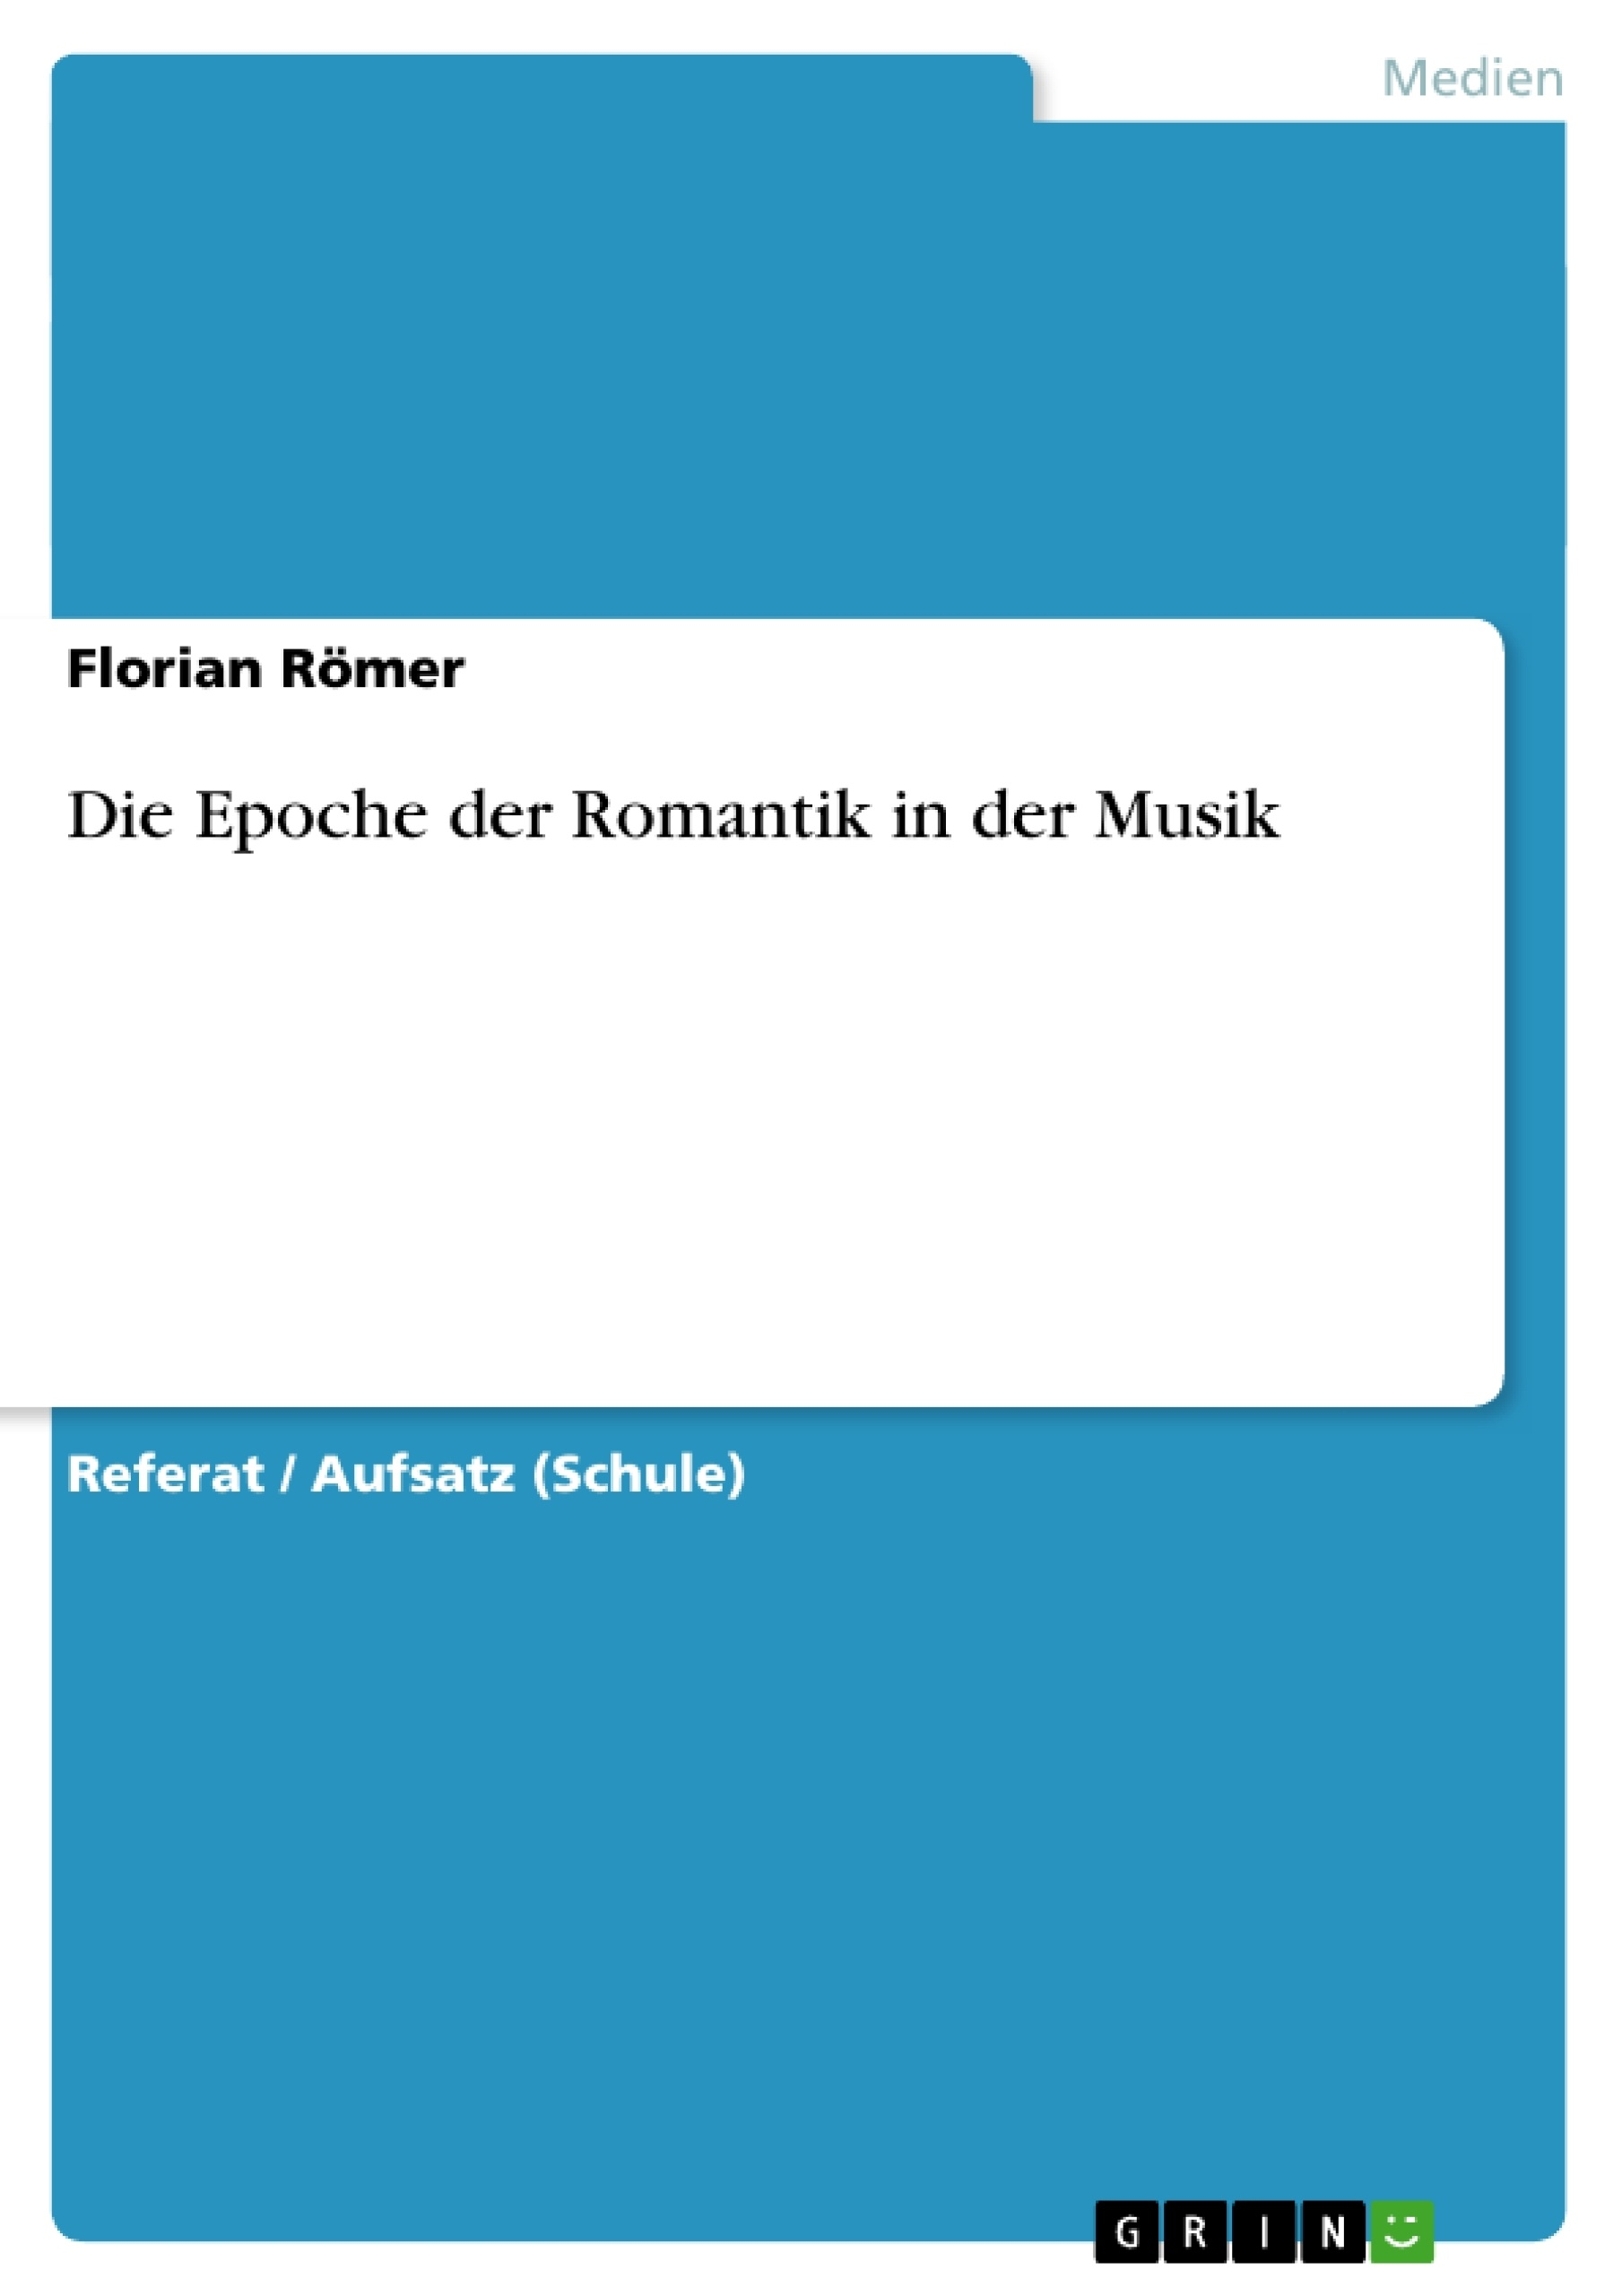 Titel: Die Epoche der Romantik in der Musik